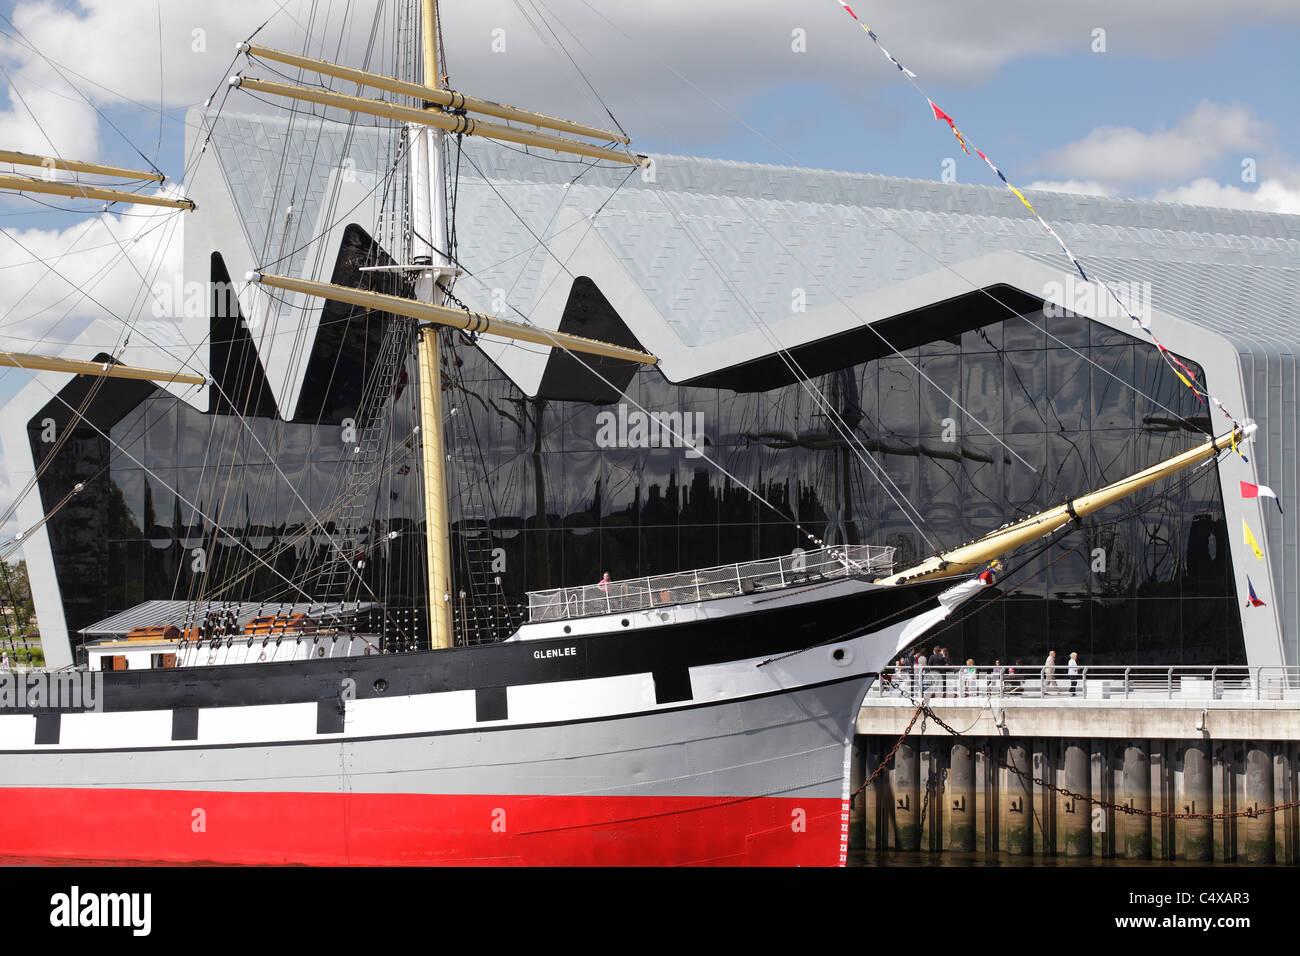 Musée au bord du Transport et voyages et du Tall Ship Glenlee sur la Clyde, Glasgow, Écosse, Royaume-Uni Photo Stock